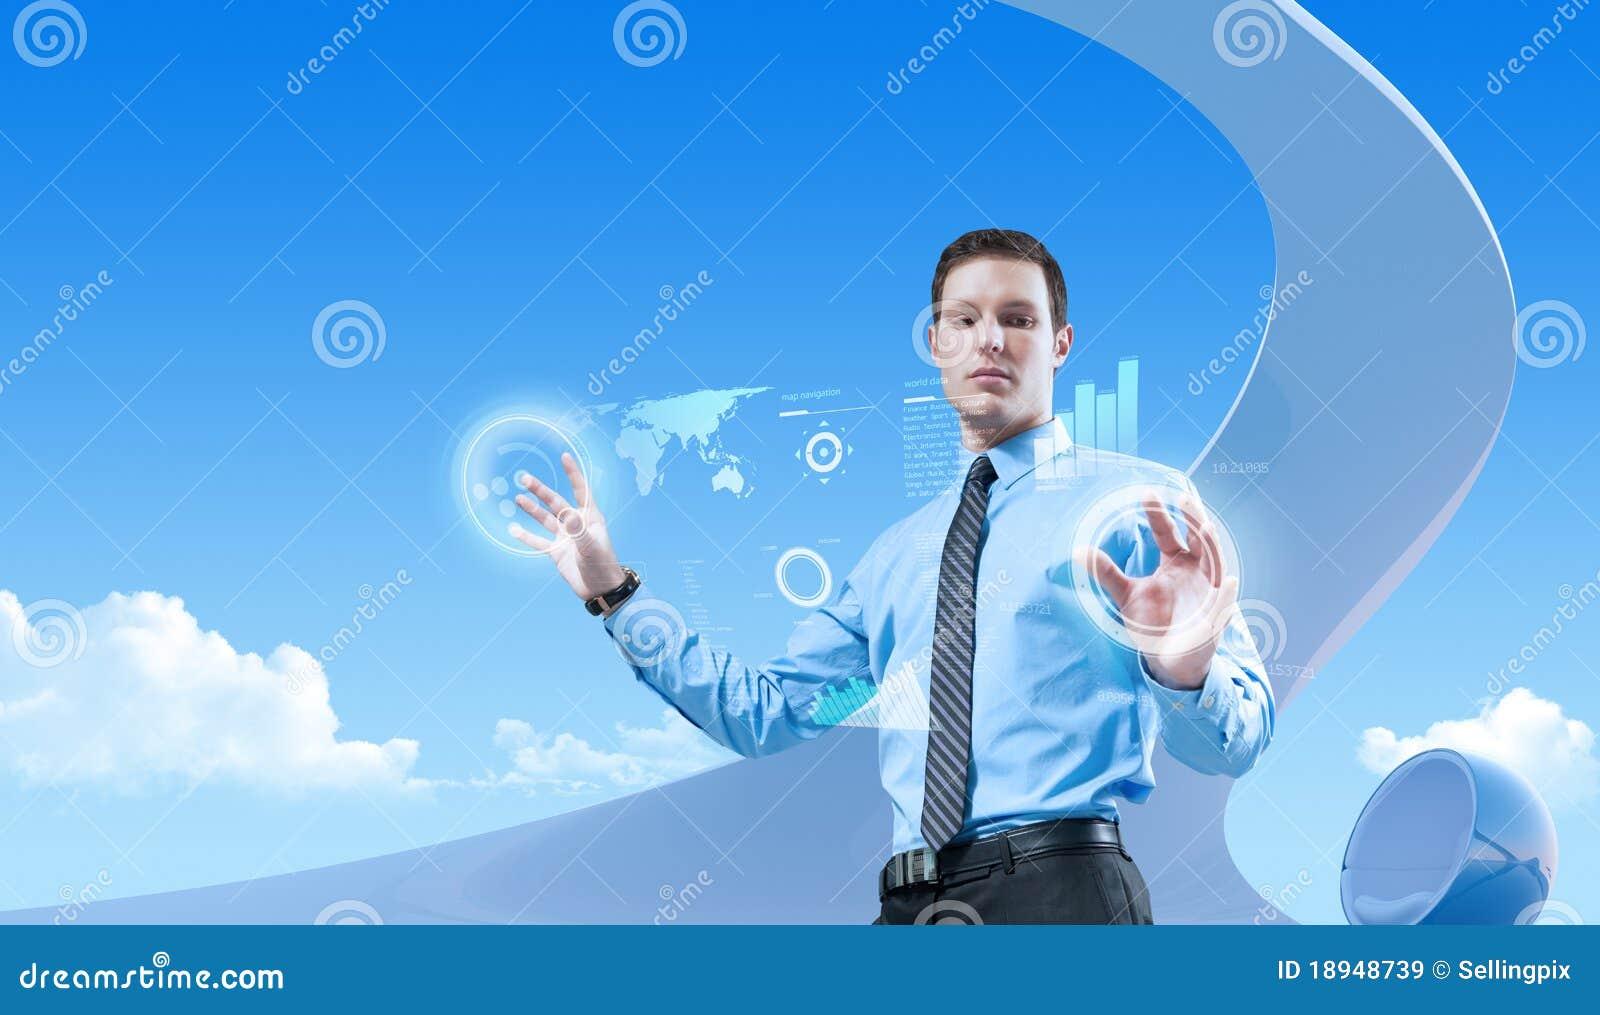 Władz przyszłościowe technologie